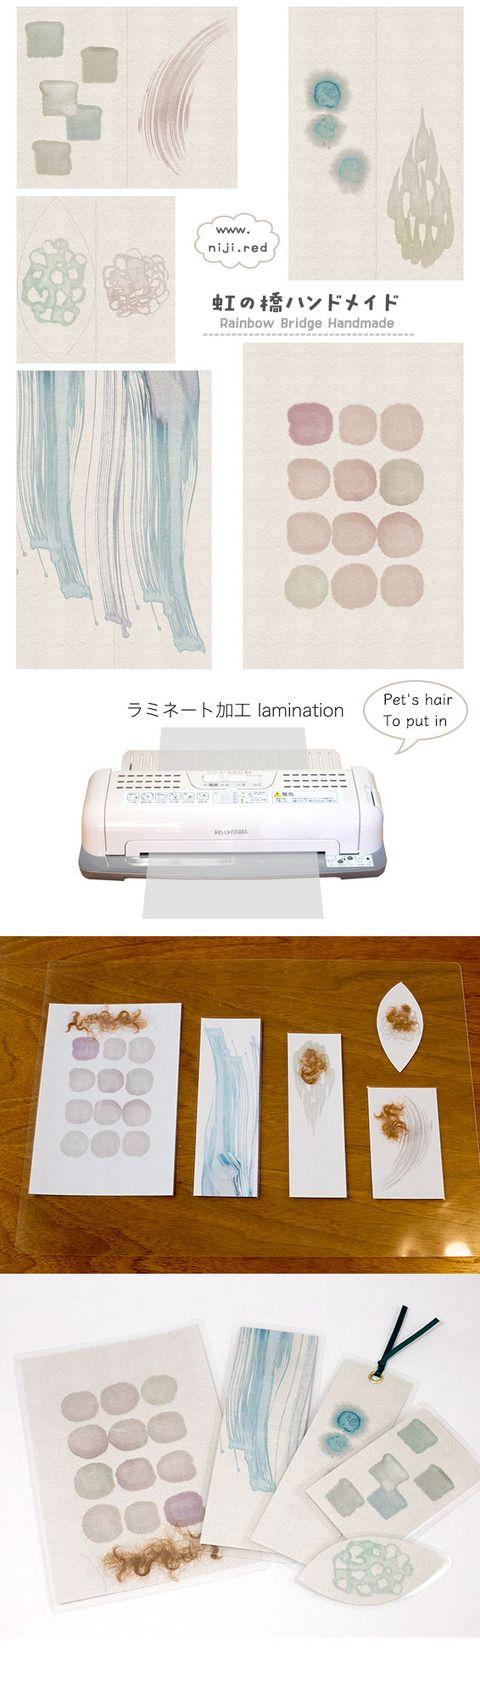 虹の橋の手作りカラー水墨画しおり*ペットの毛をオーダーメイドで挿入いたします。